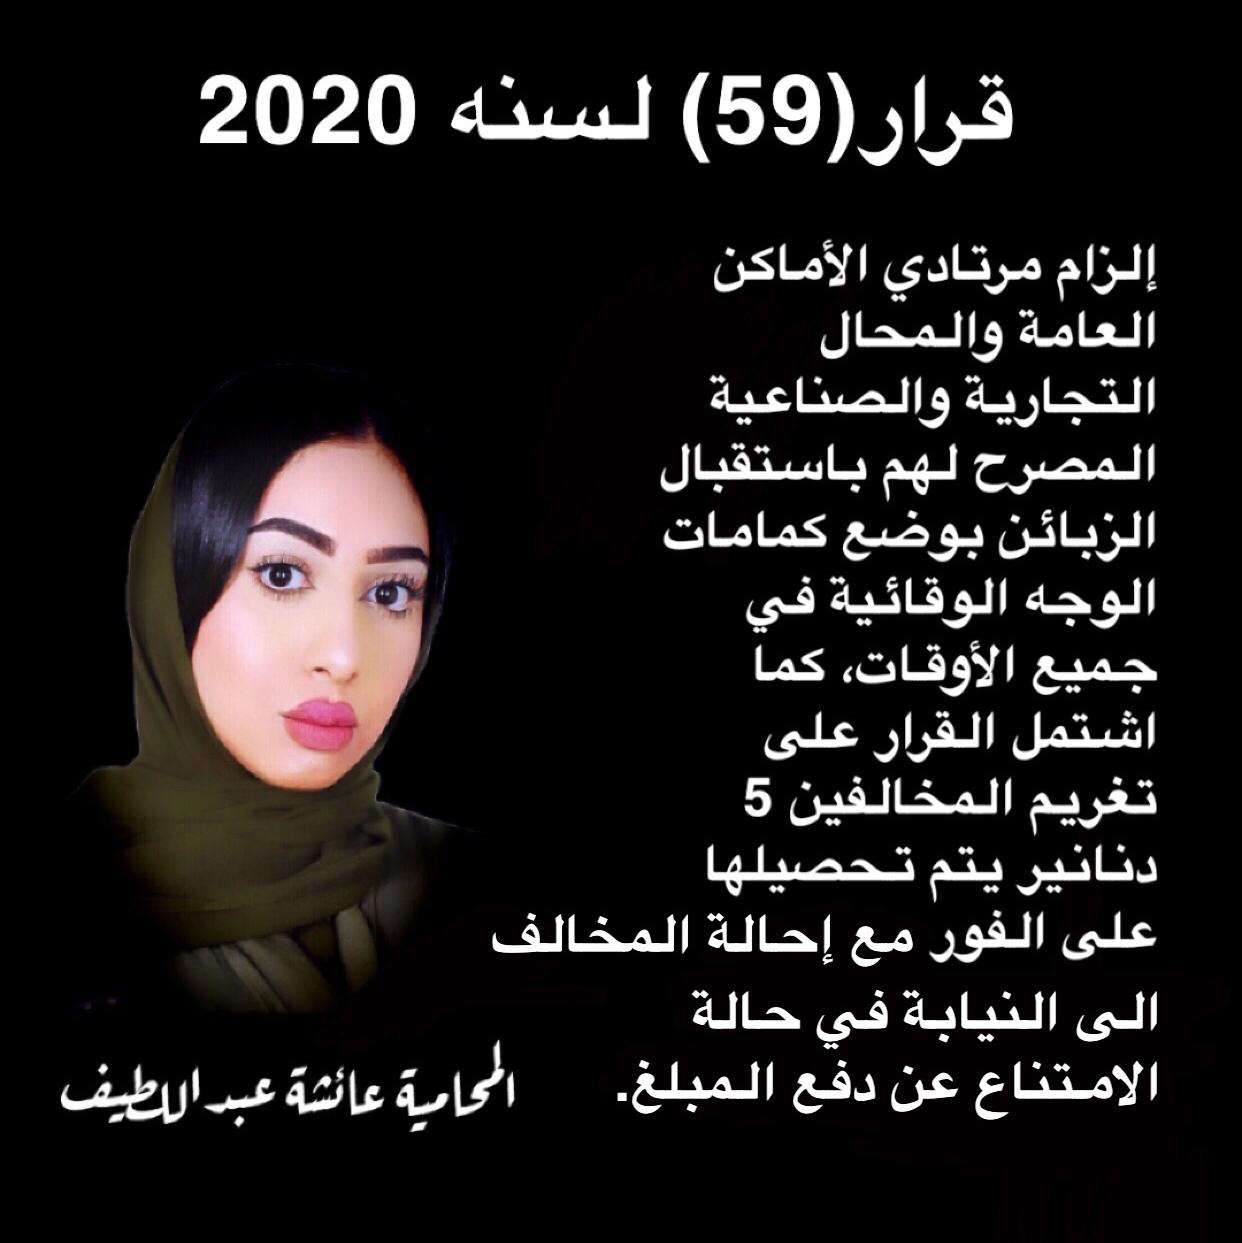 قرار 59 لسنه 2020